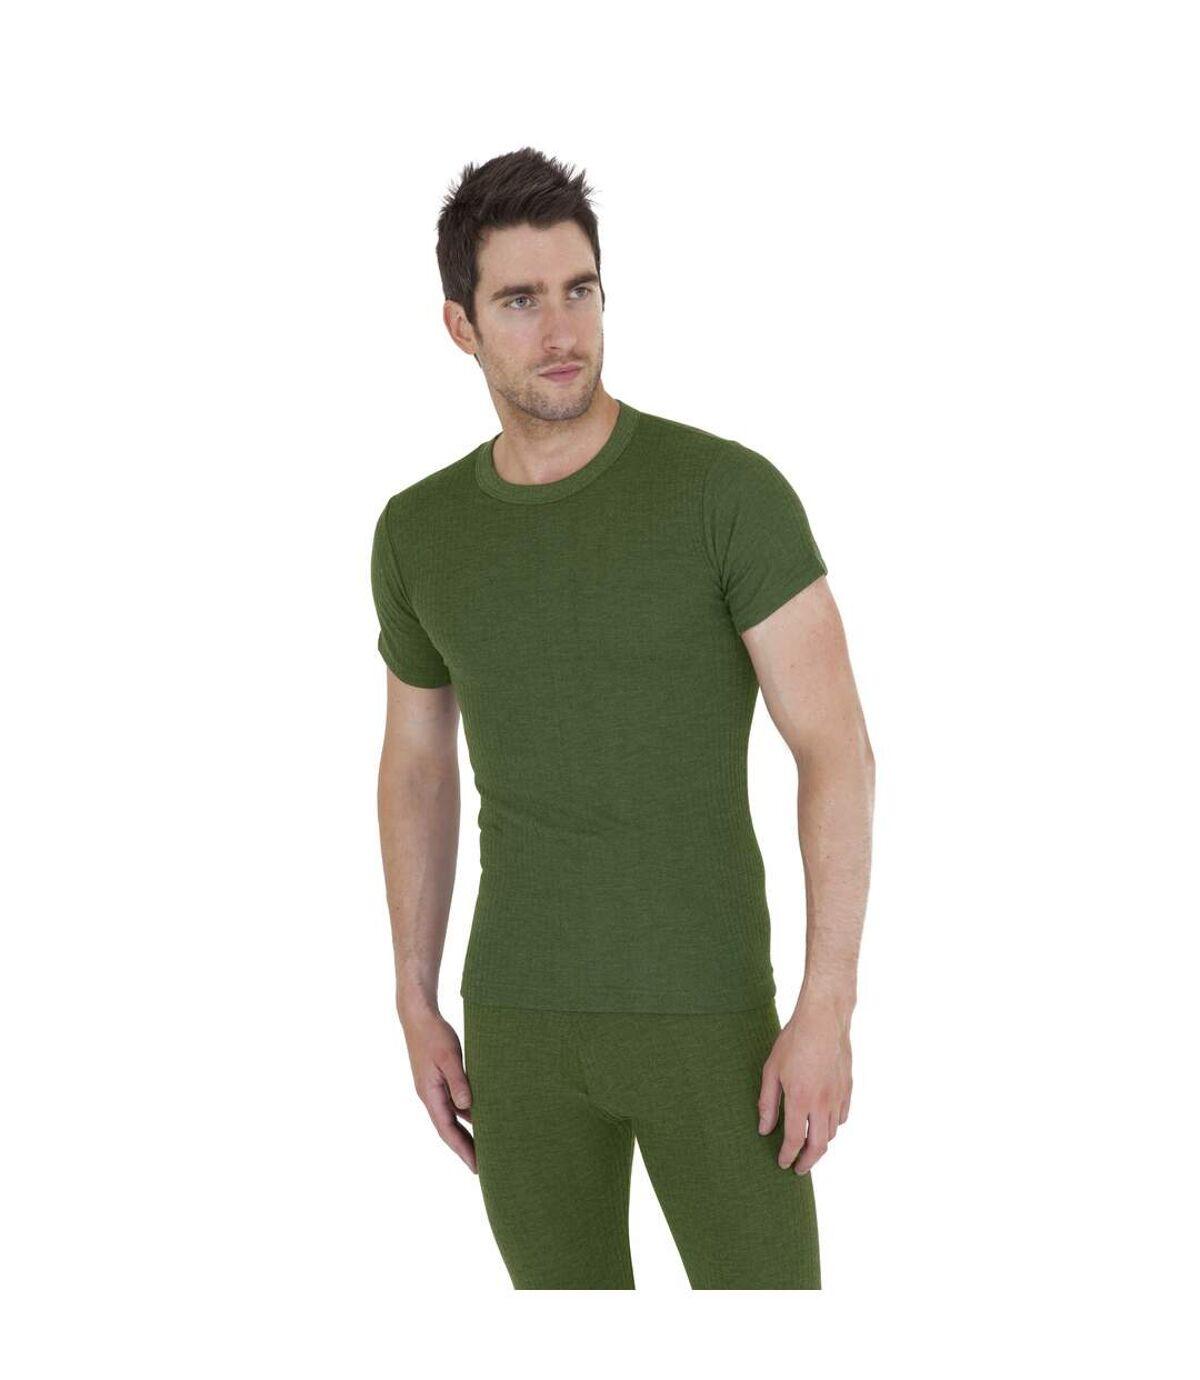 T-shirt thermique à manches courtes - Homme (Vert foncé) - UTTHERM2